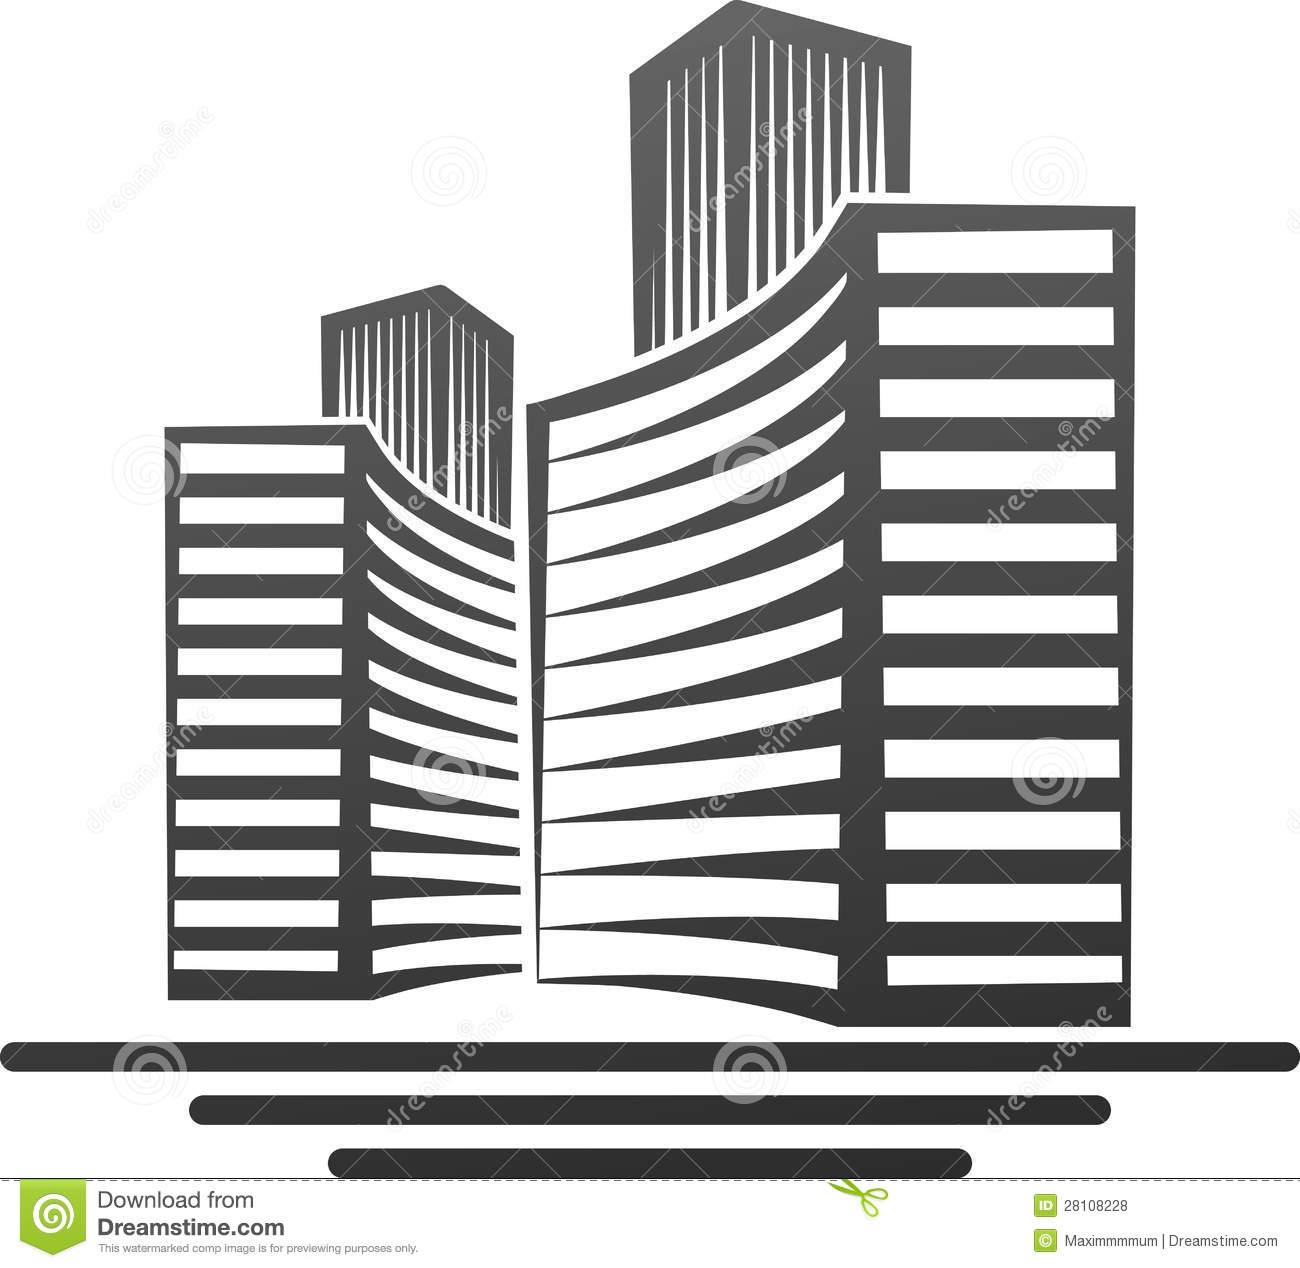 Actualité du droit immobilier - mai 2018, n°I